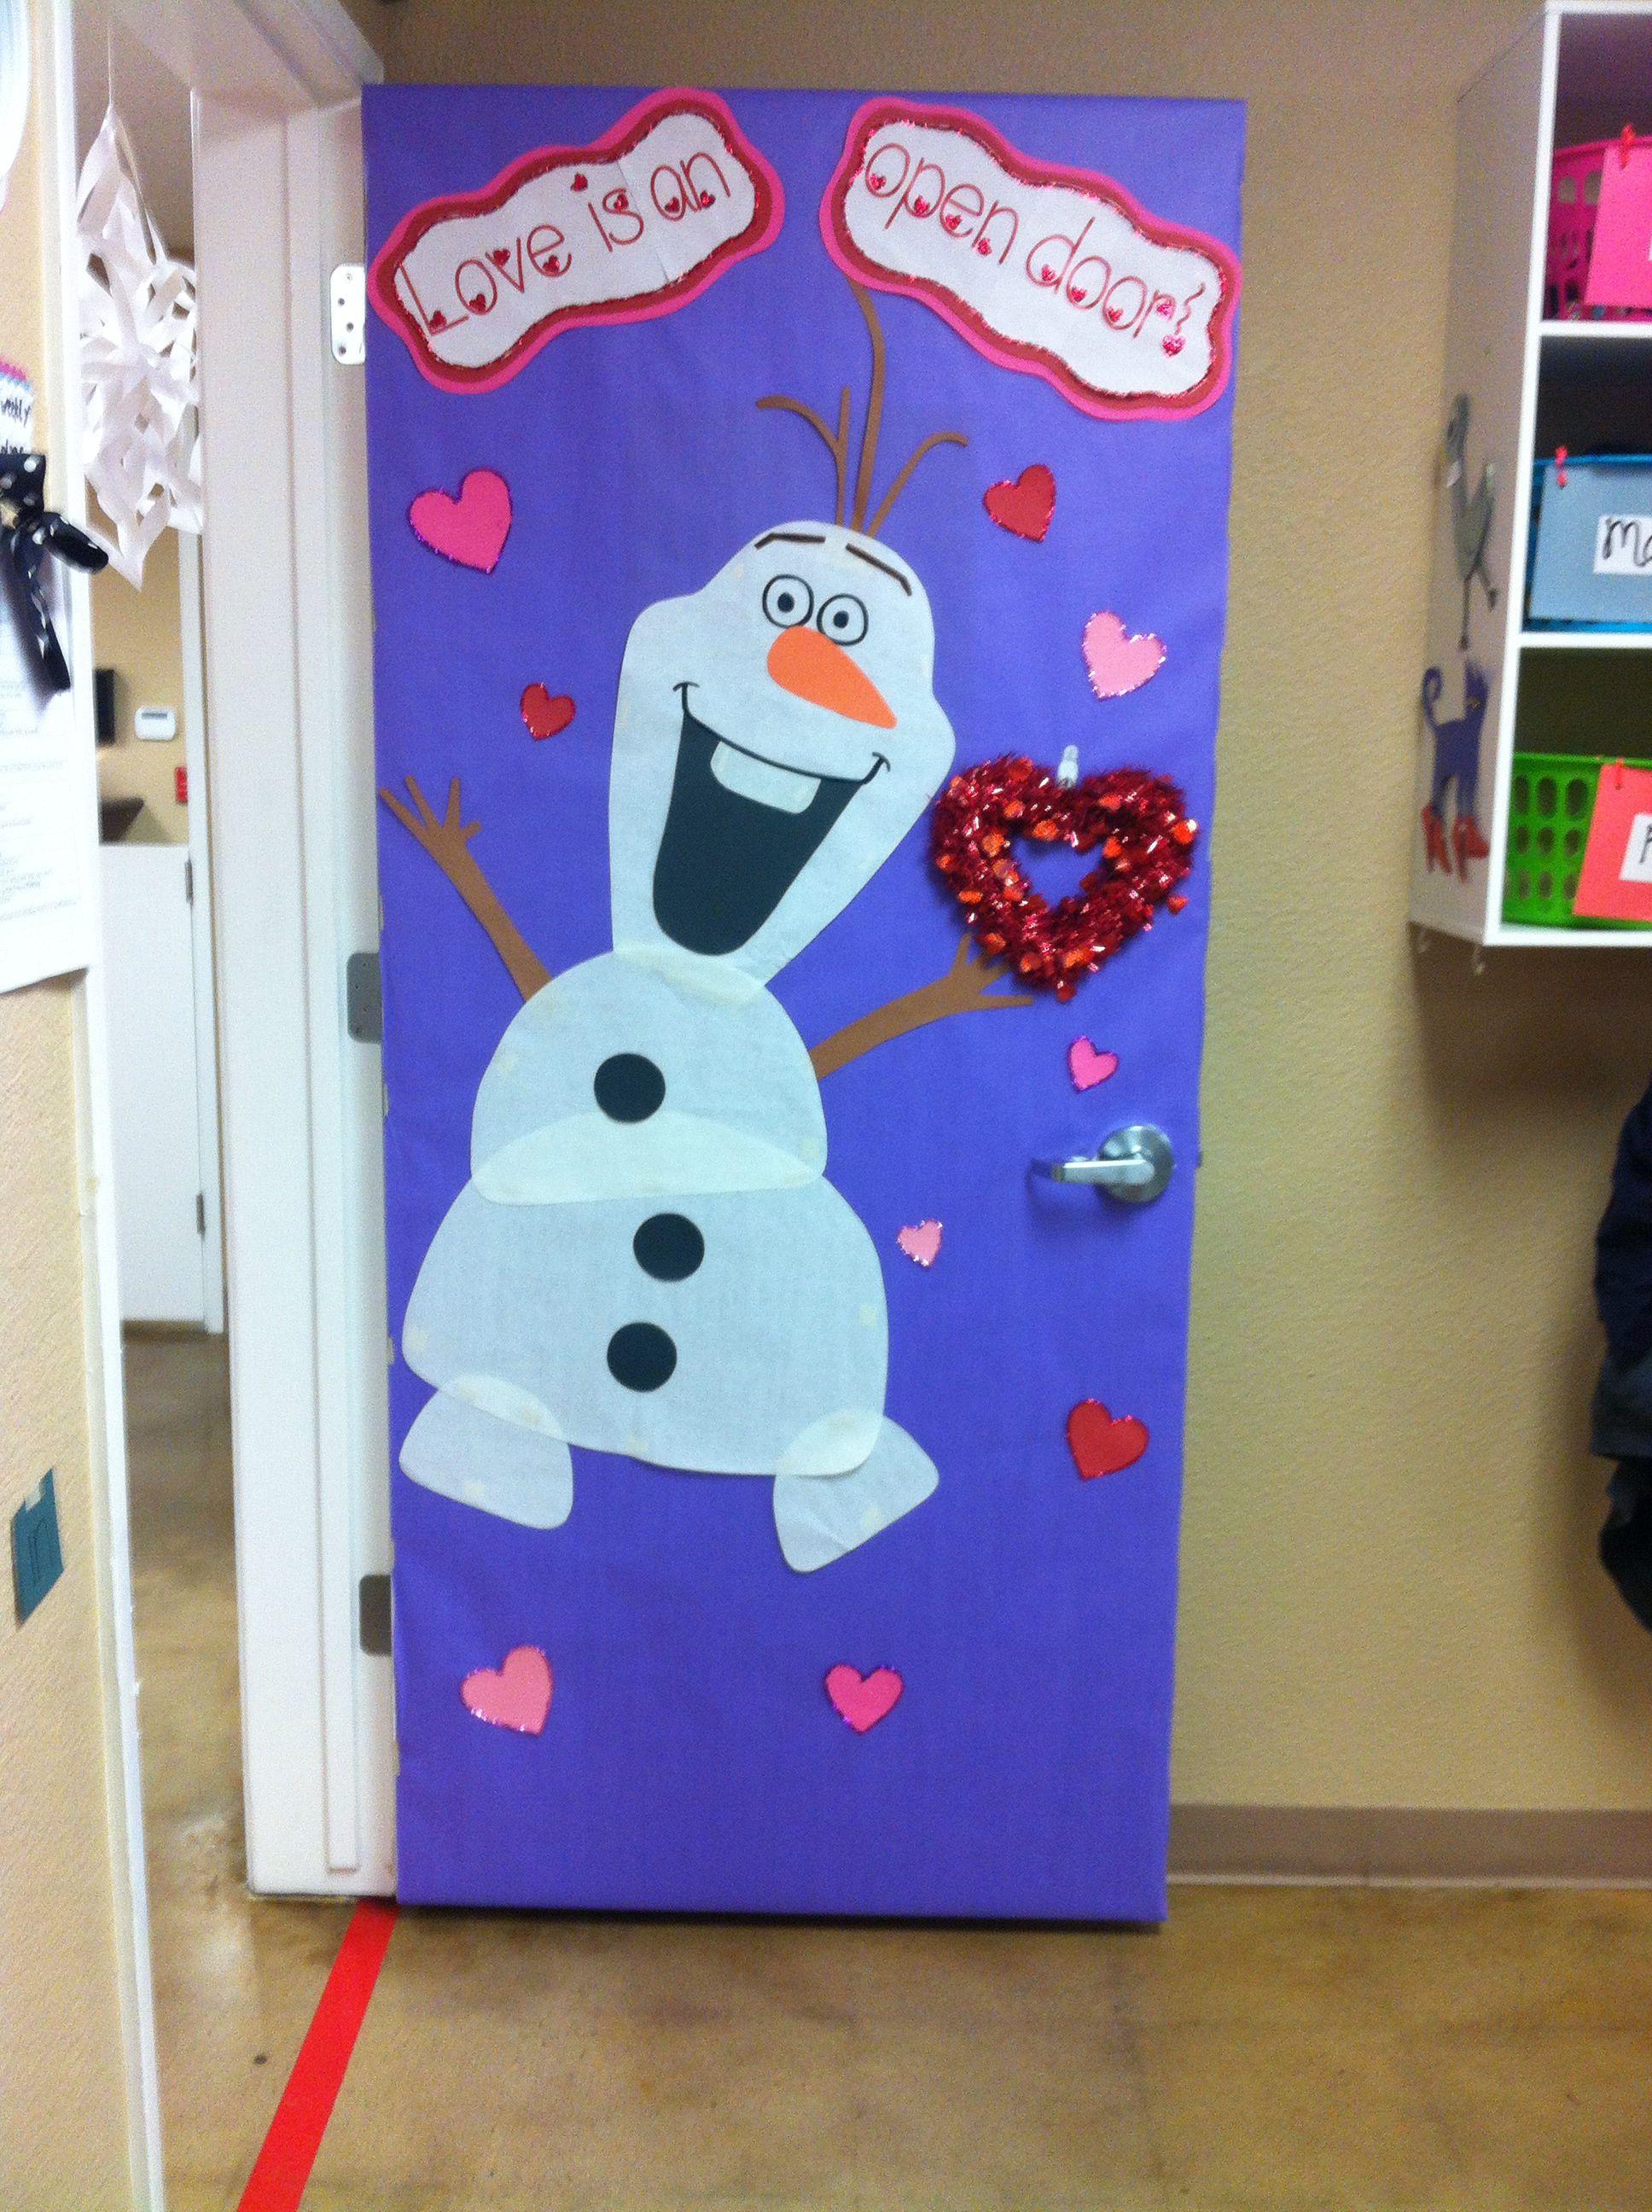 Our Class Love Is An Open Door Valentines Door Starring Olaf Valentines Door Decorations Classroom Valentines Classroom Door Door Decorations Classroom